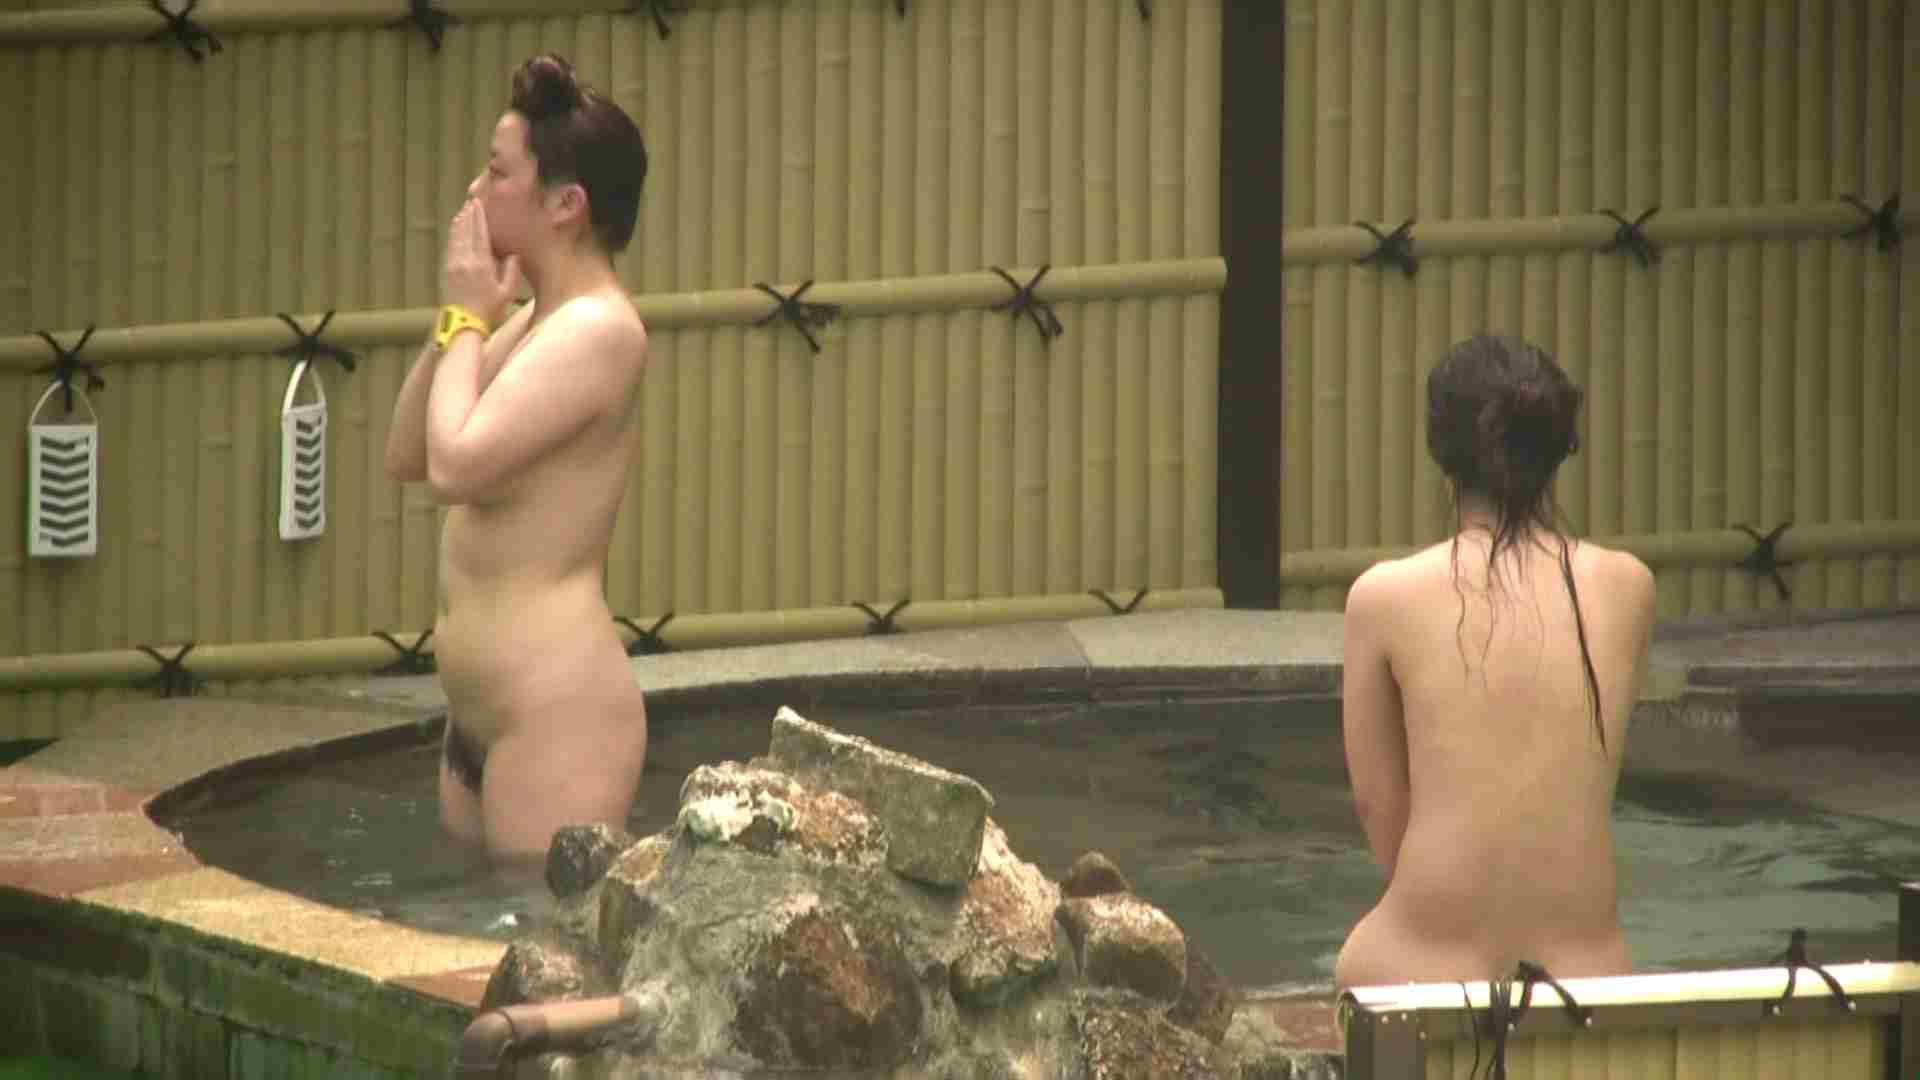 高画質露天女風呂観察 vol.022 乙女のエロ動画 盗撮動画紹介 86PIX 63